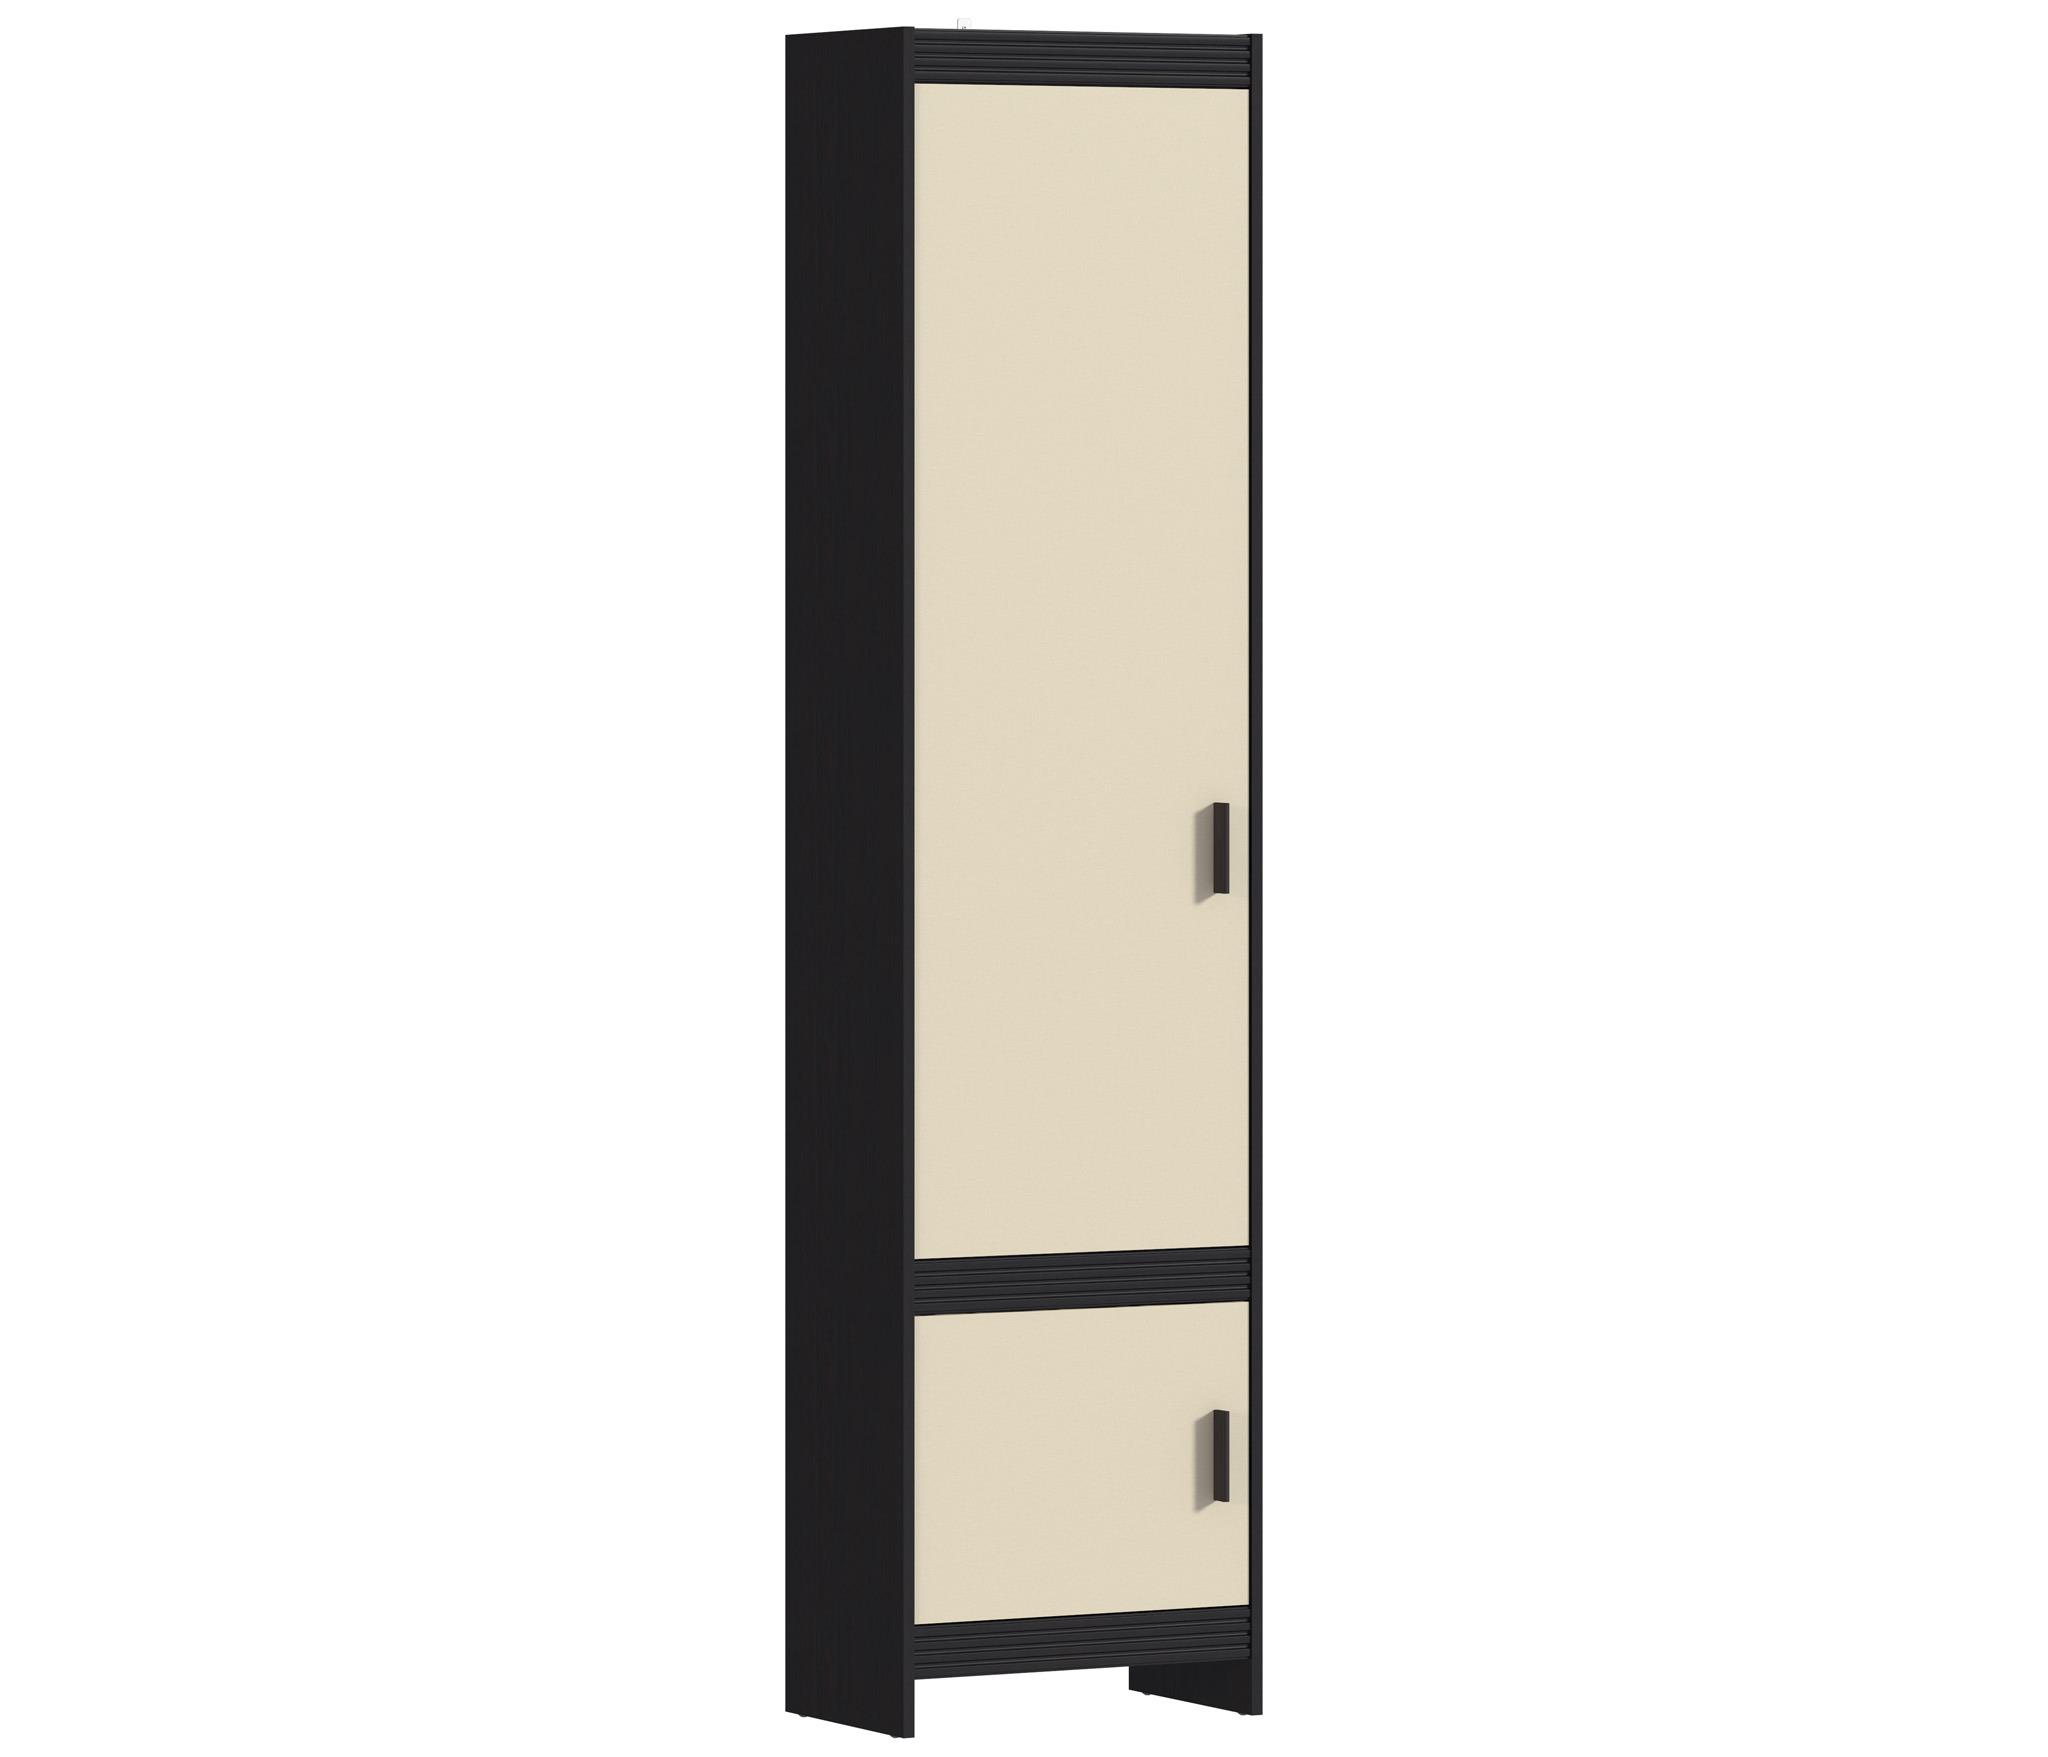 Дакота СБ-1896 ПеналШкафы<br>Шкаф для одежды с глухими фасадами не будет загромождать пространство благодаря своим сравнительно небольшим размерам.<br><br>Длина мм: 532<br>Высота мм: 2204<br>Глубина мм: 333